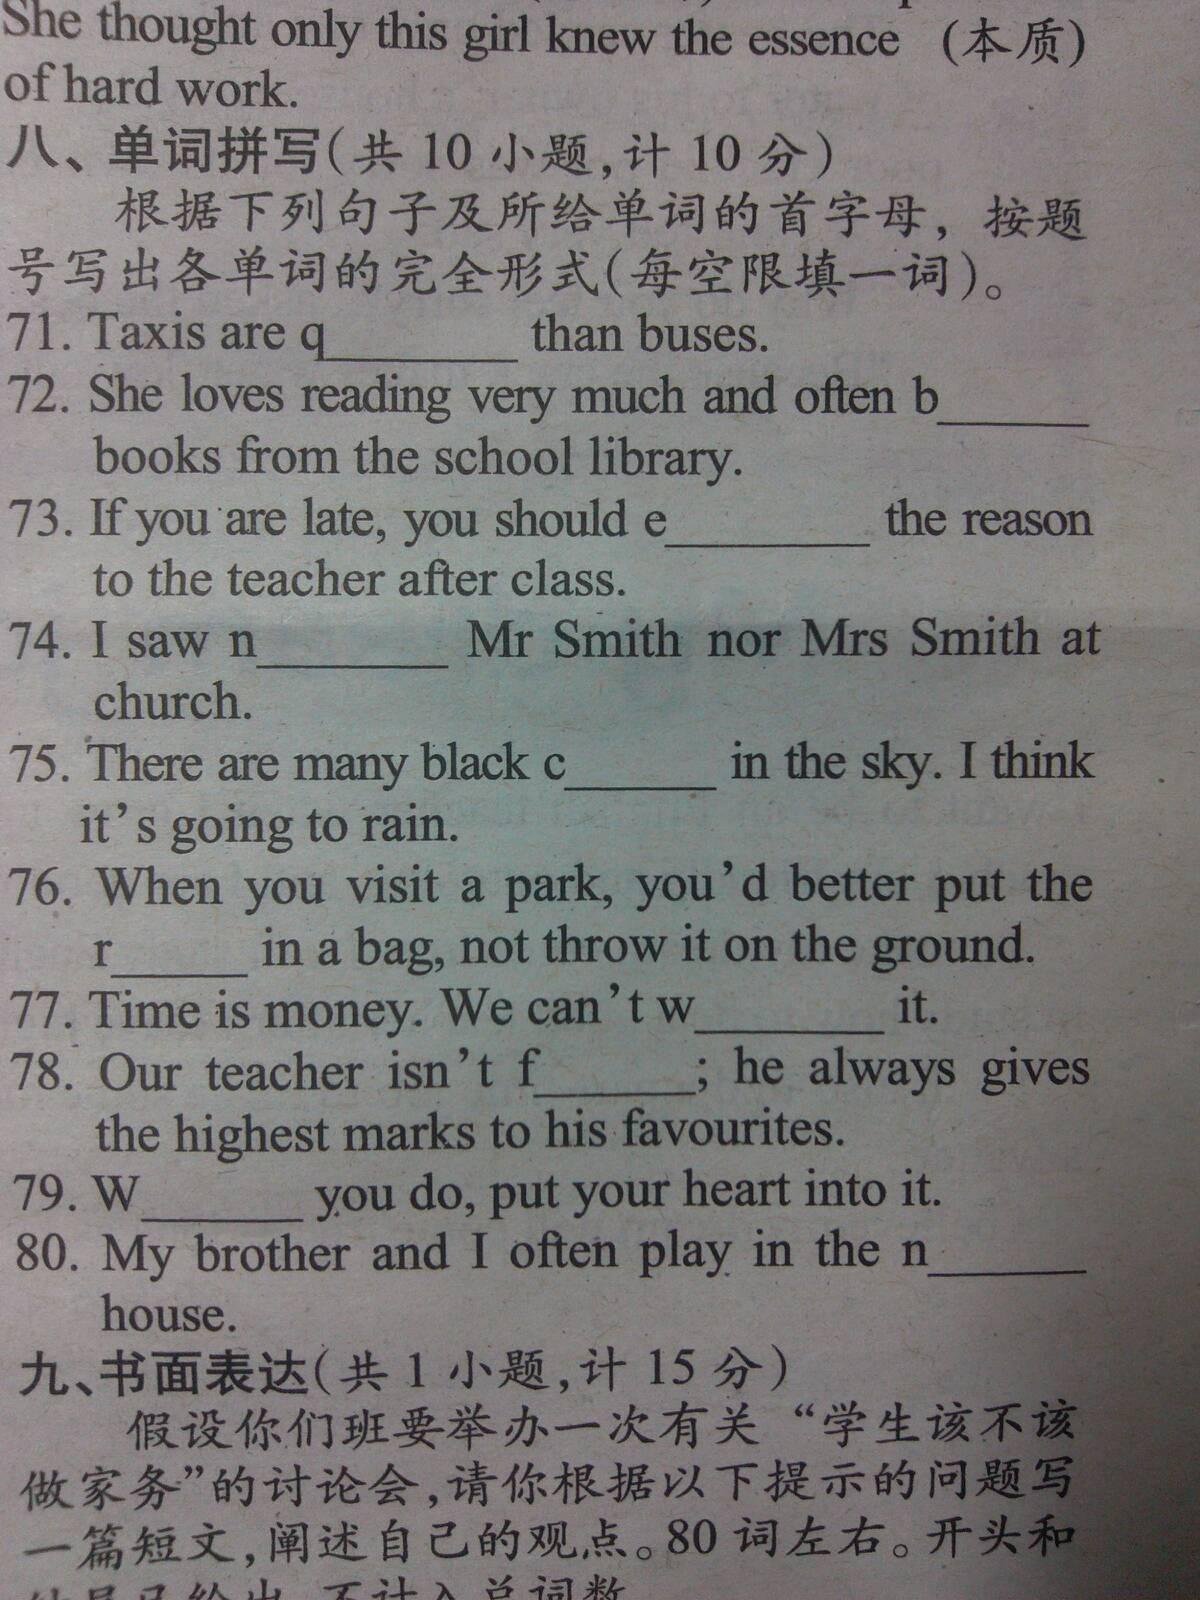 英语单词录音拼写